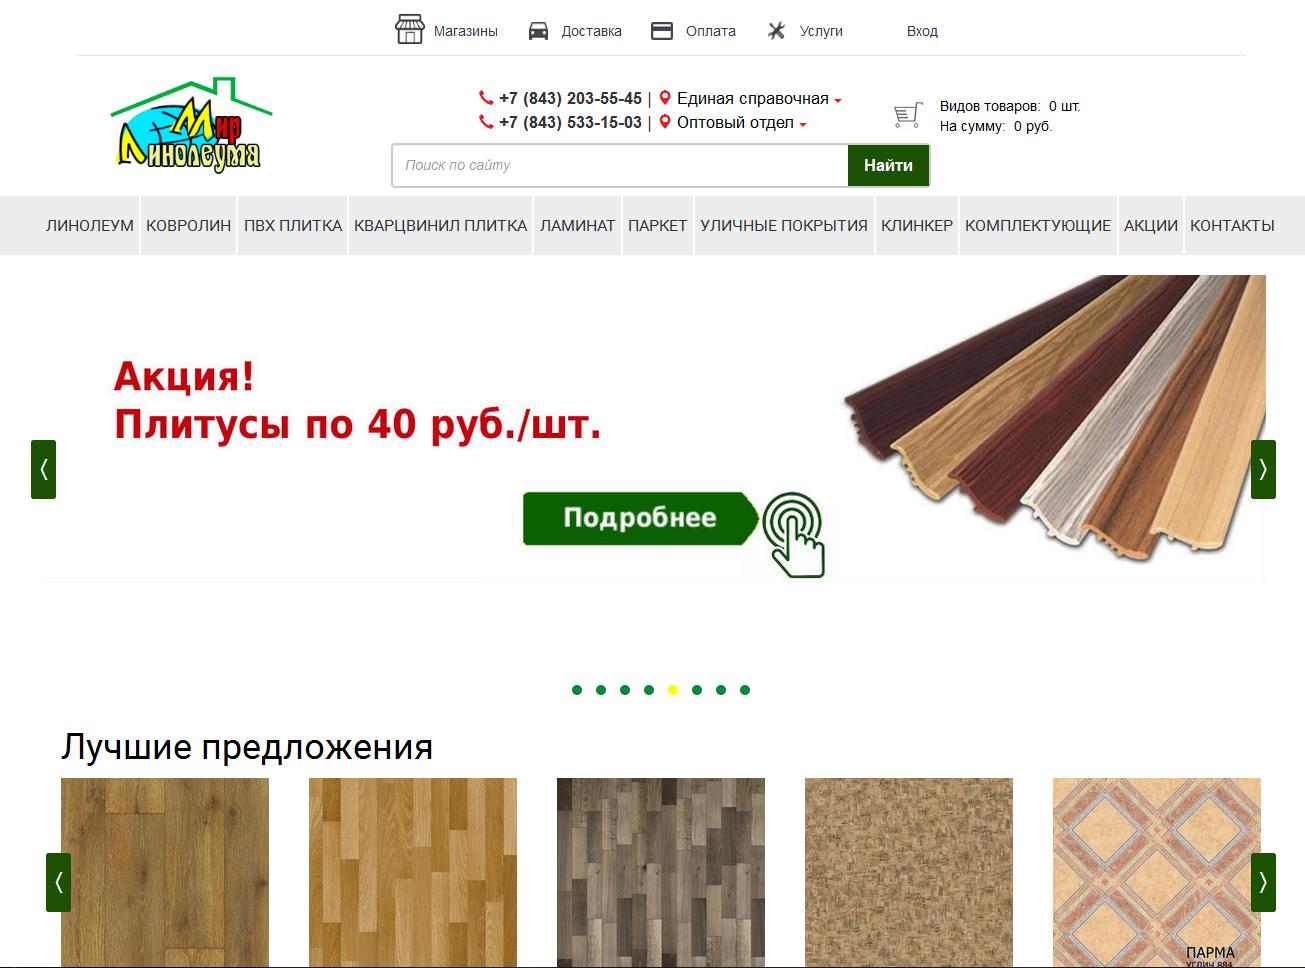 Интернет-магазин напольных покрытий, 1С-Битрикс